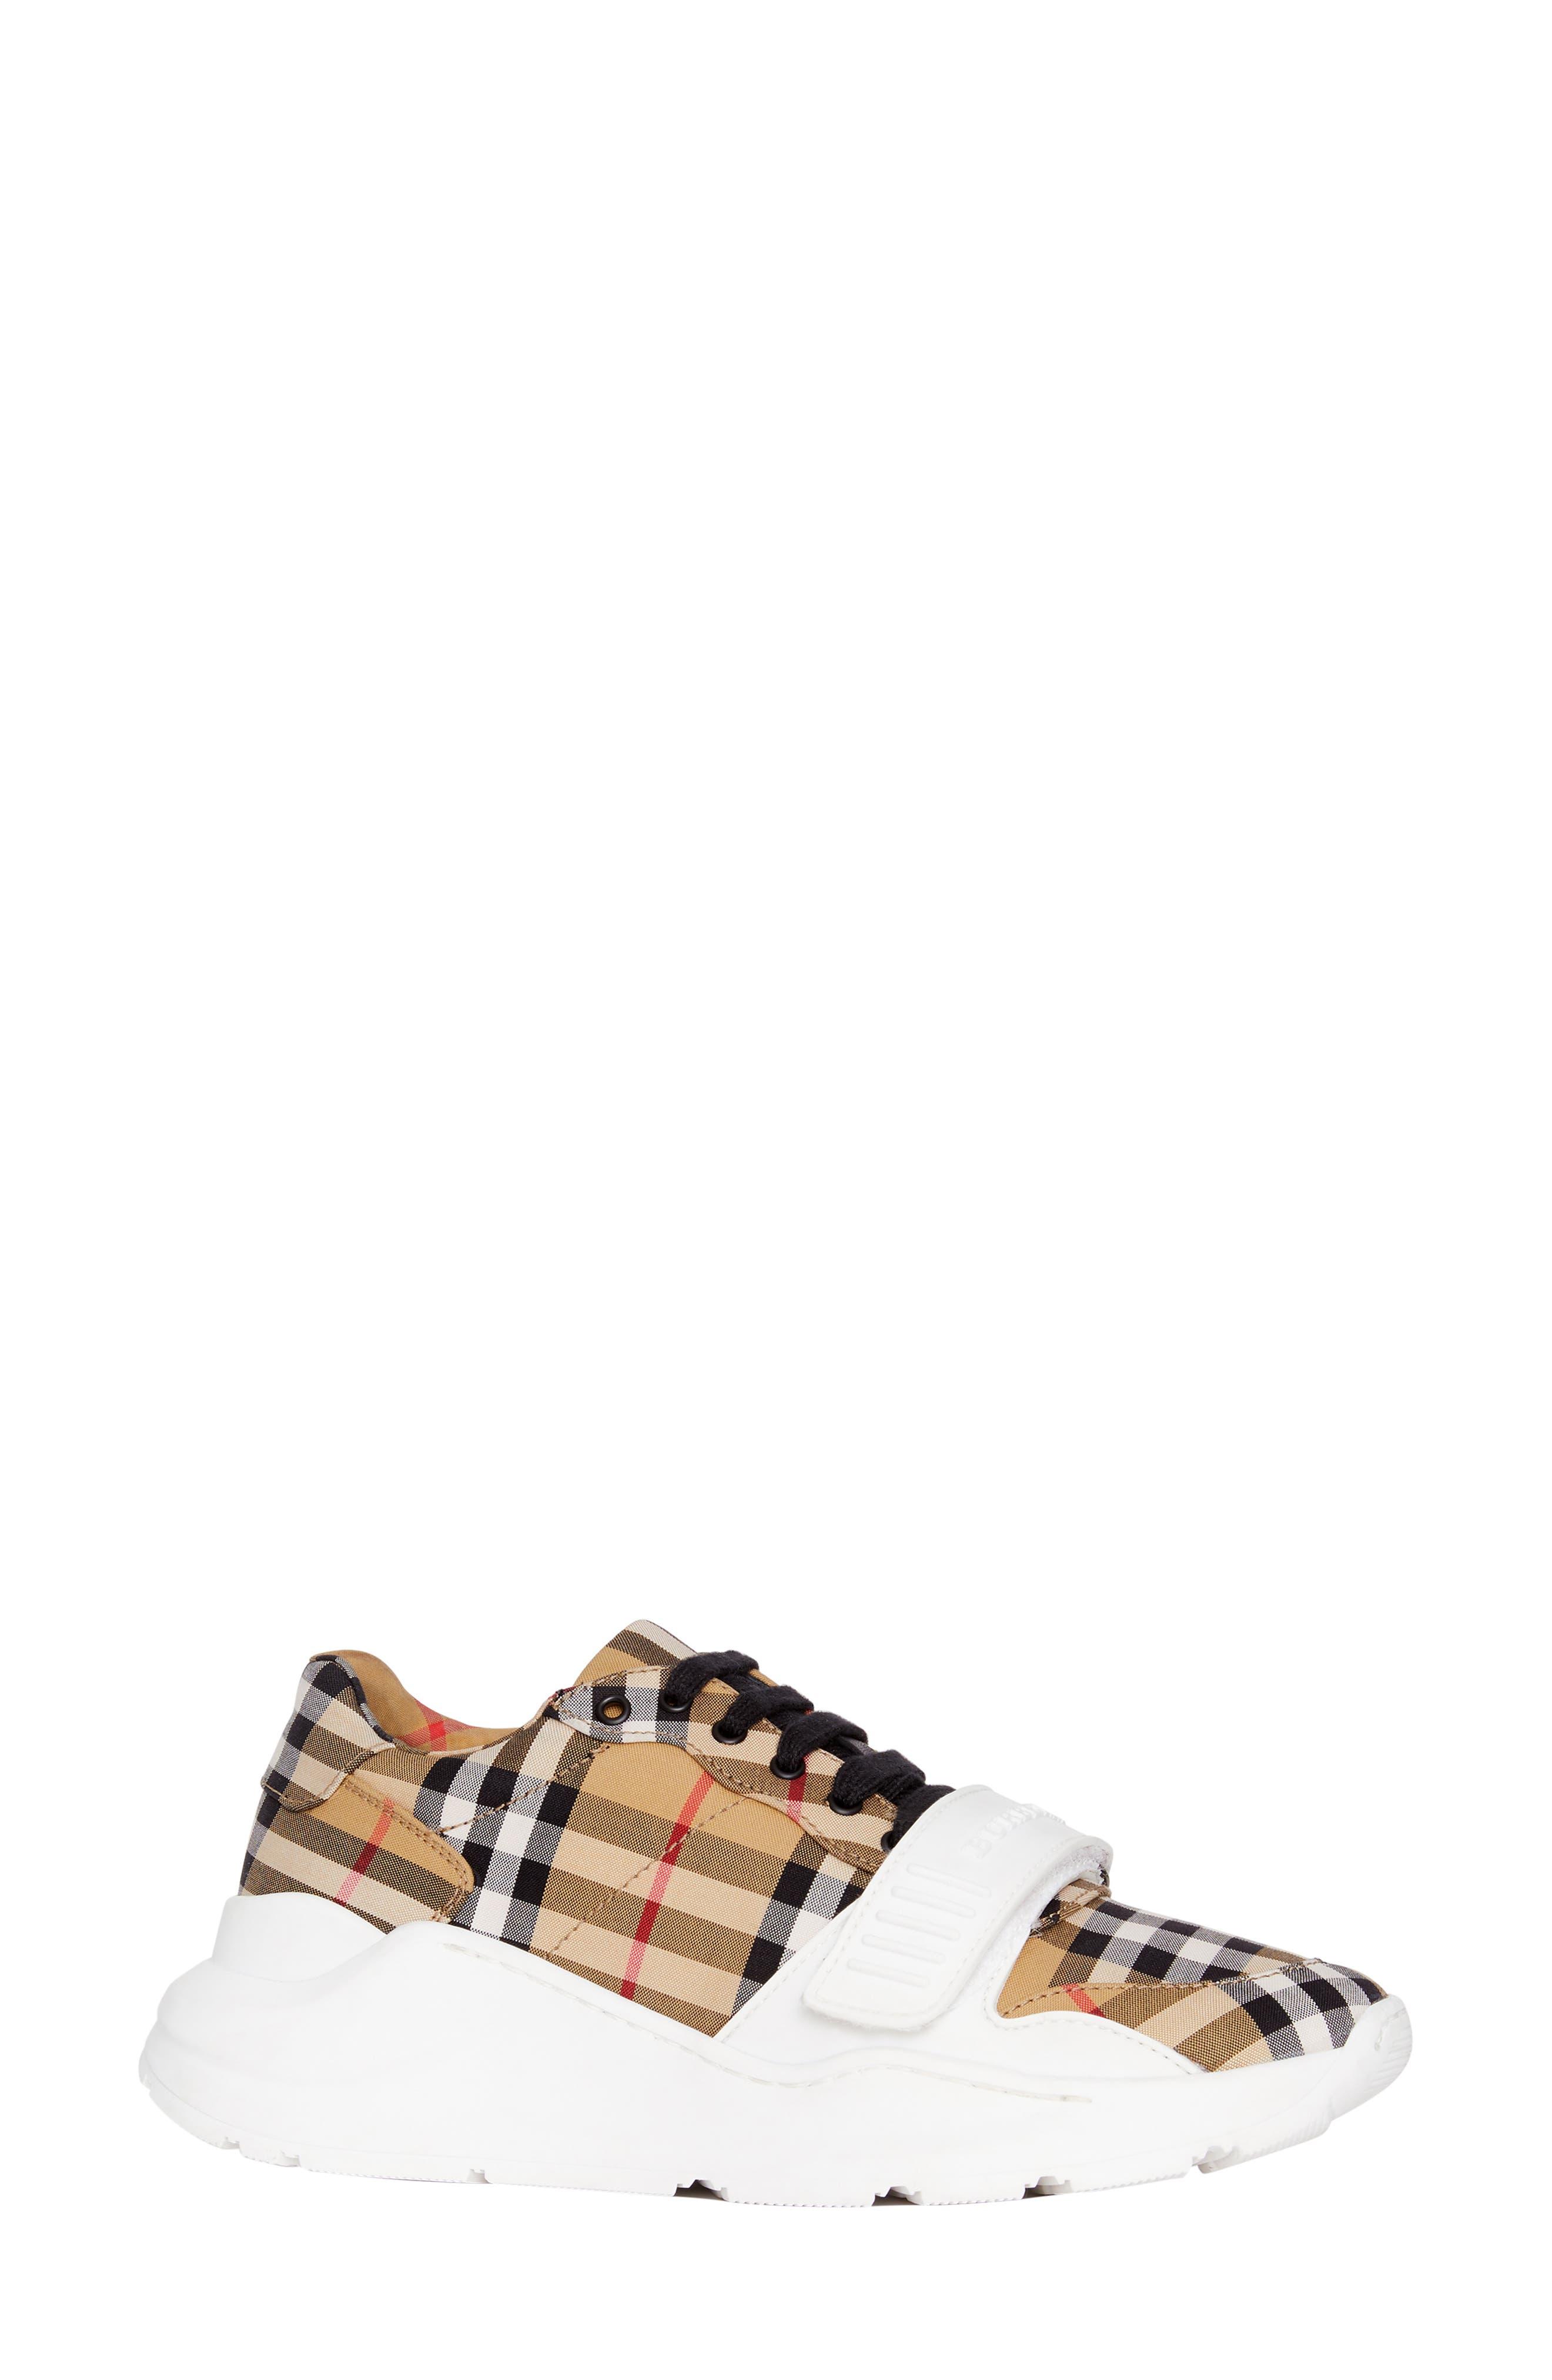 BURBERRY, Regis Check Lace-Up Sneaker, Main thumbnail 1, color, BEIGE PLAID